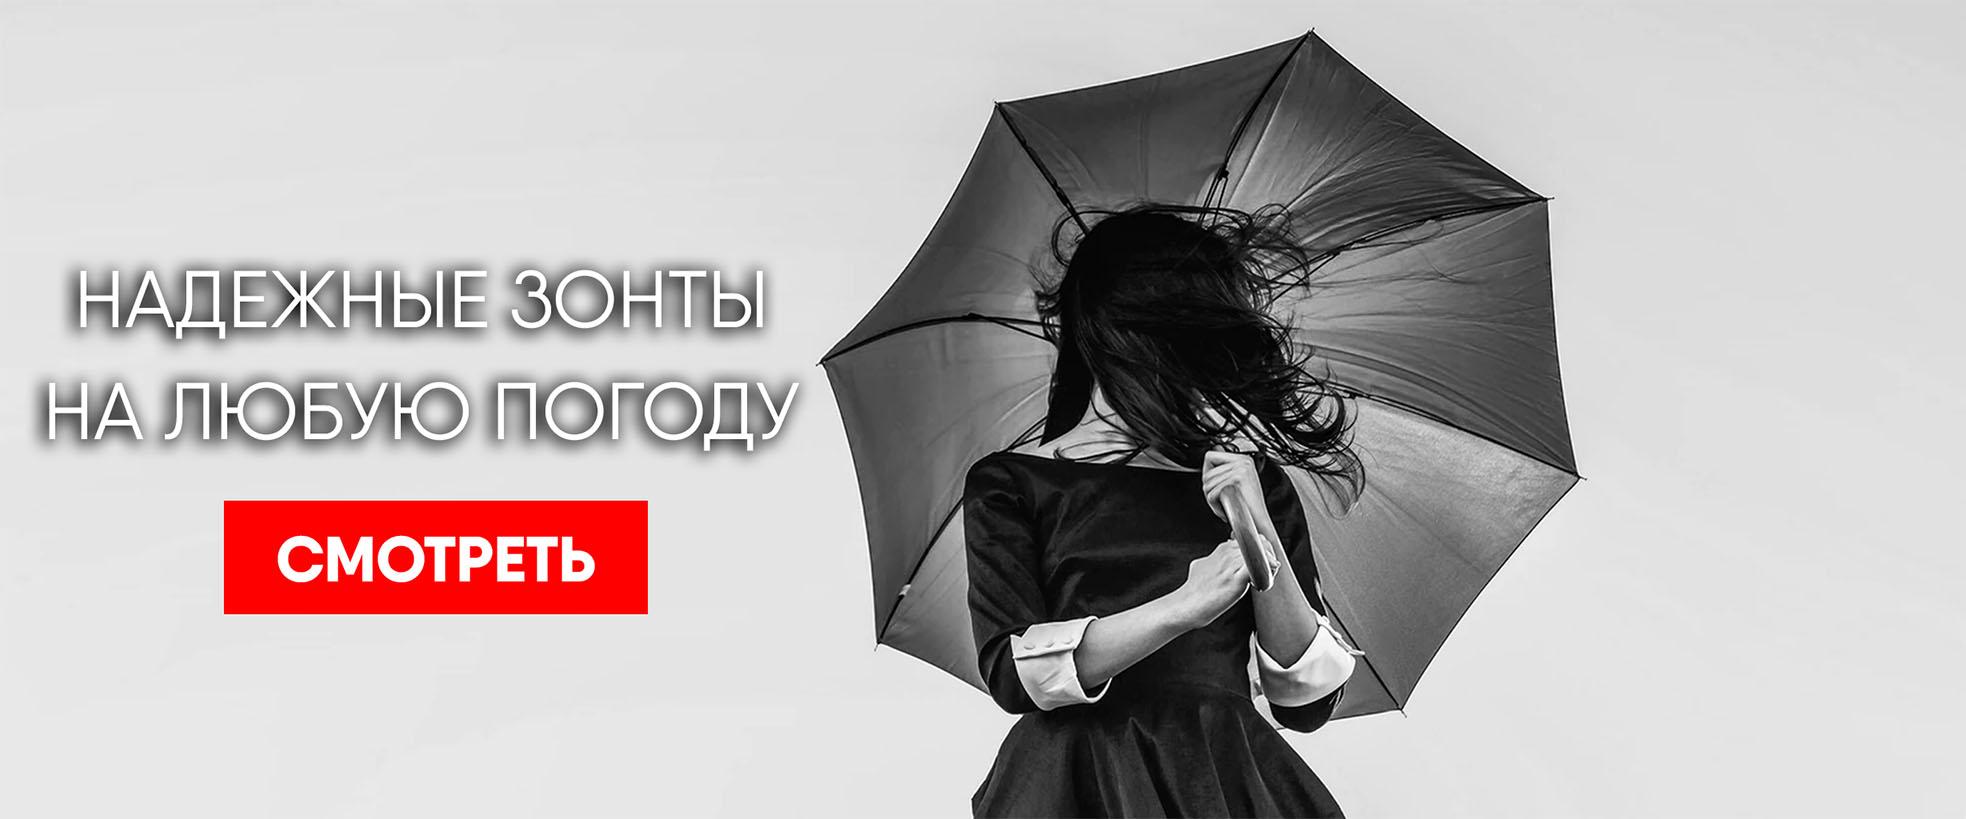 Надежные зонты